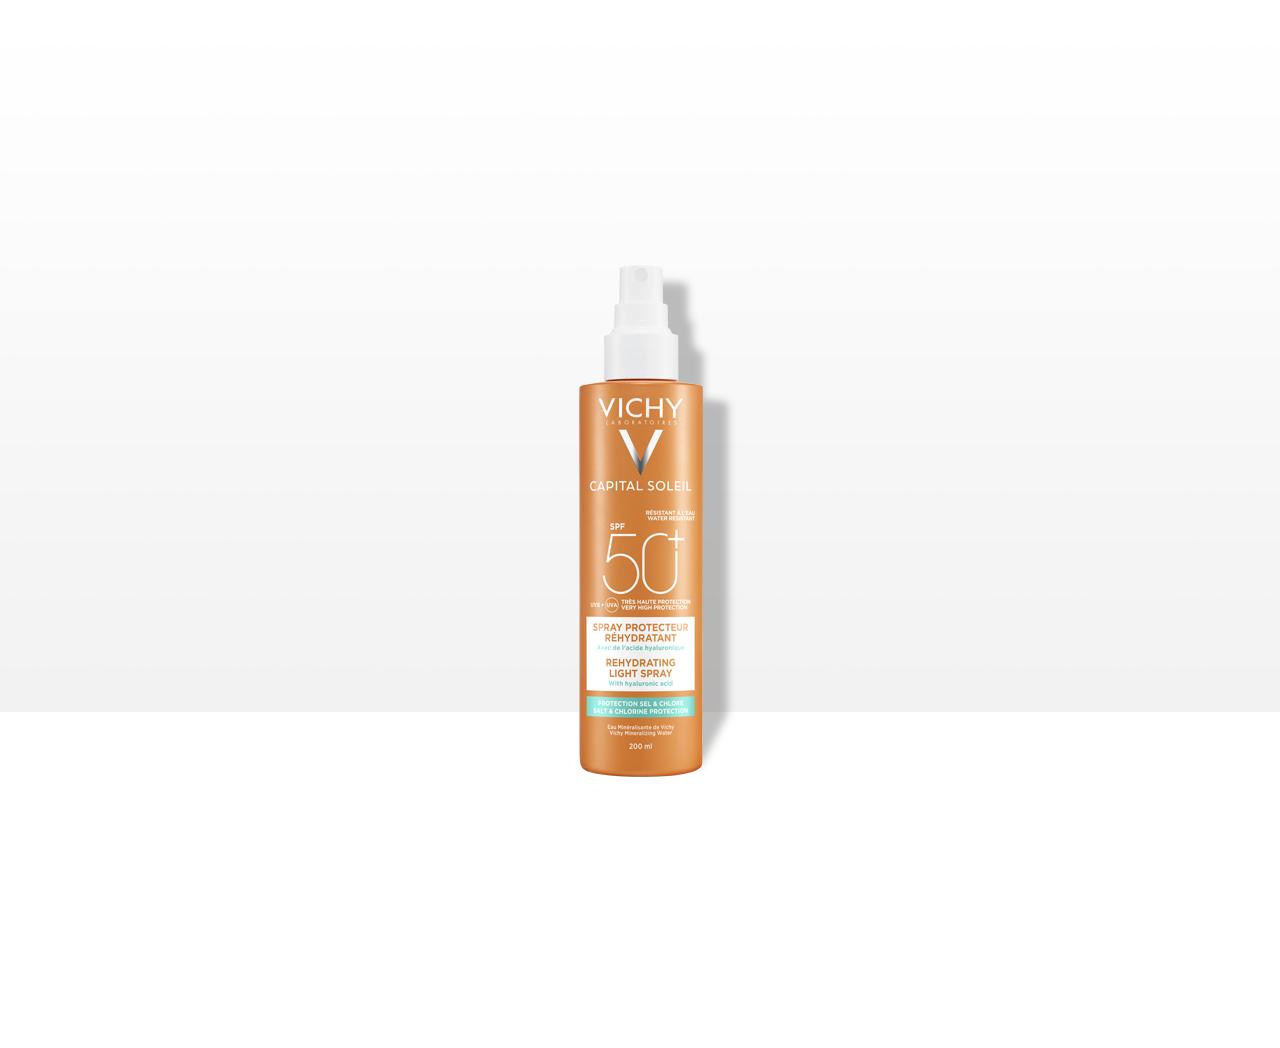 Multiprotekčný sprej proti dehydratácii pokožky. Ochrana pred soľou a chlórom SPF 50+ Veľmi vysoká ochrana - obrázok výrobku